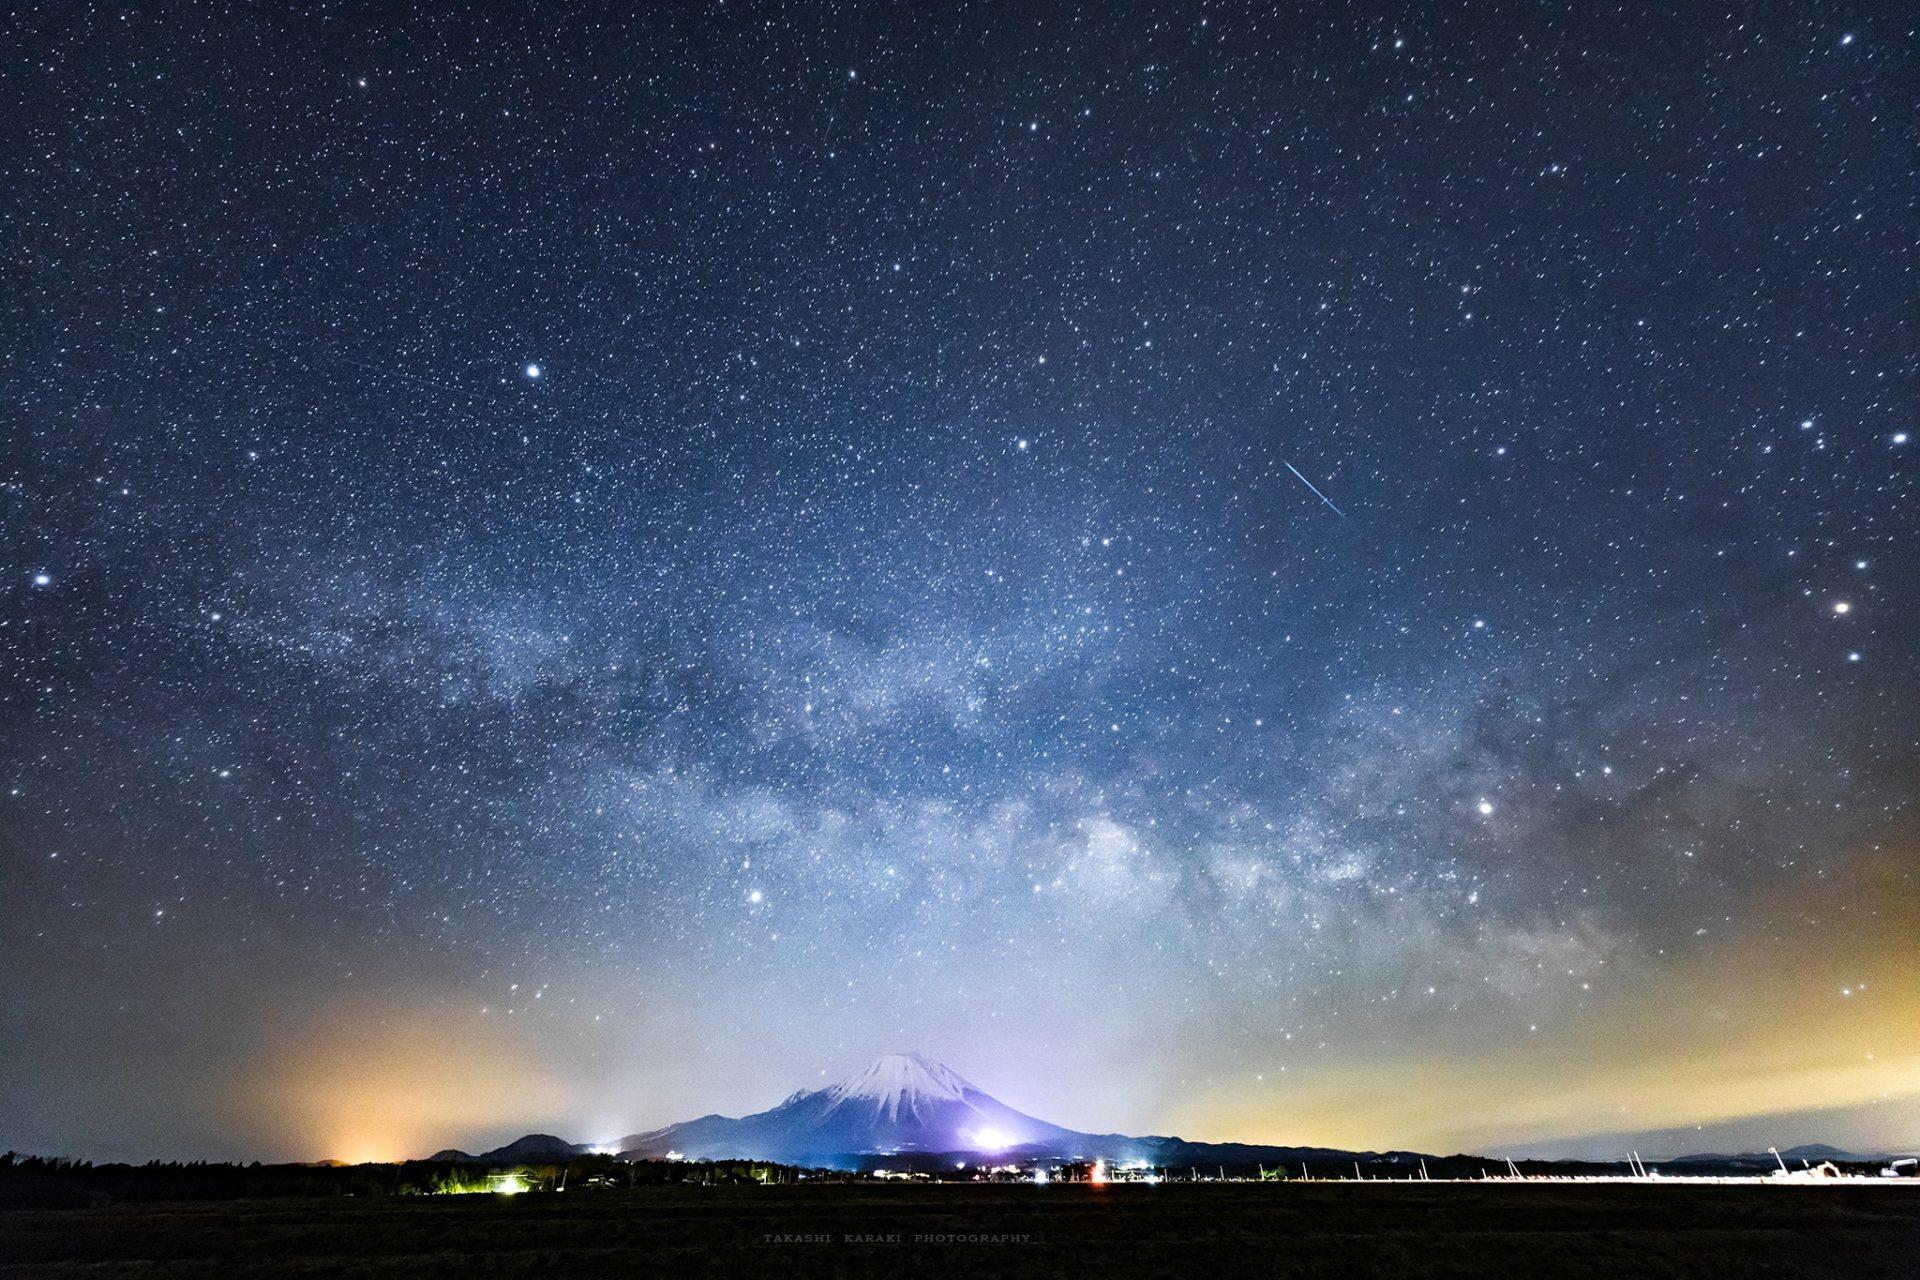 柄木 孝志さん撮影:「星明かりの下で」